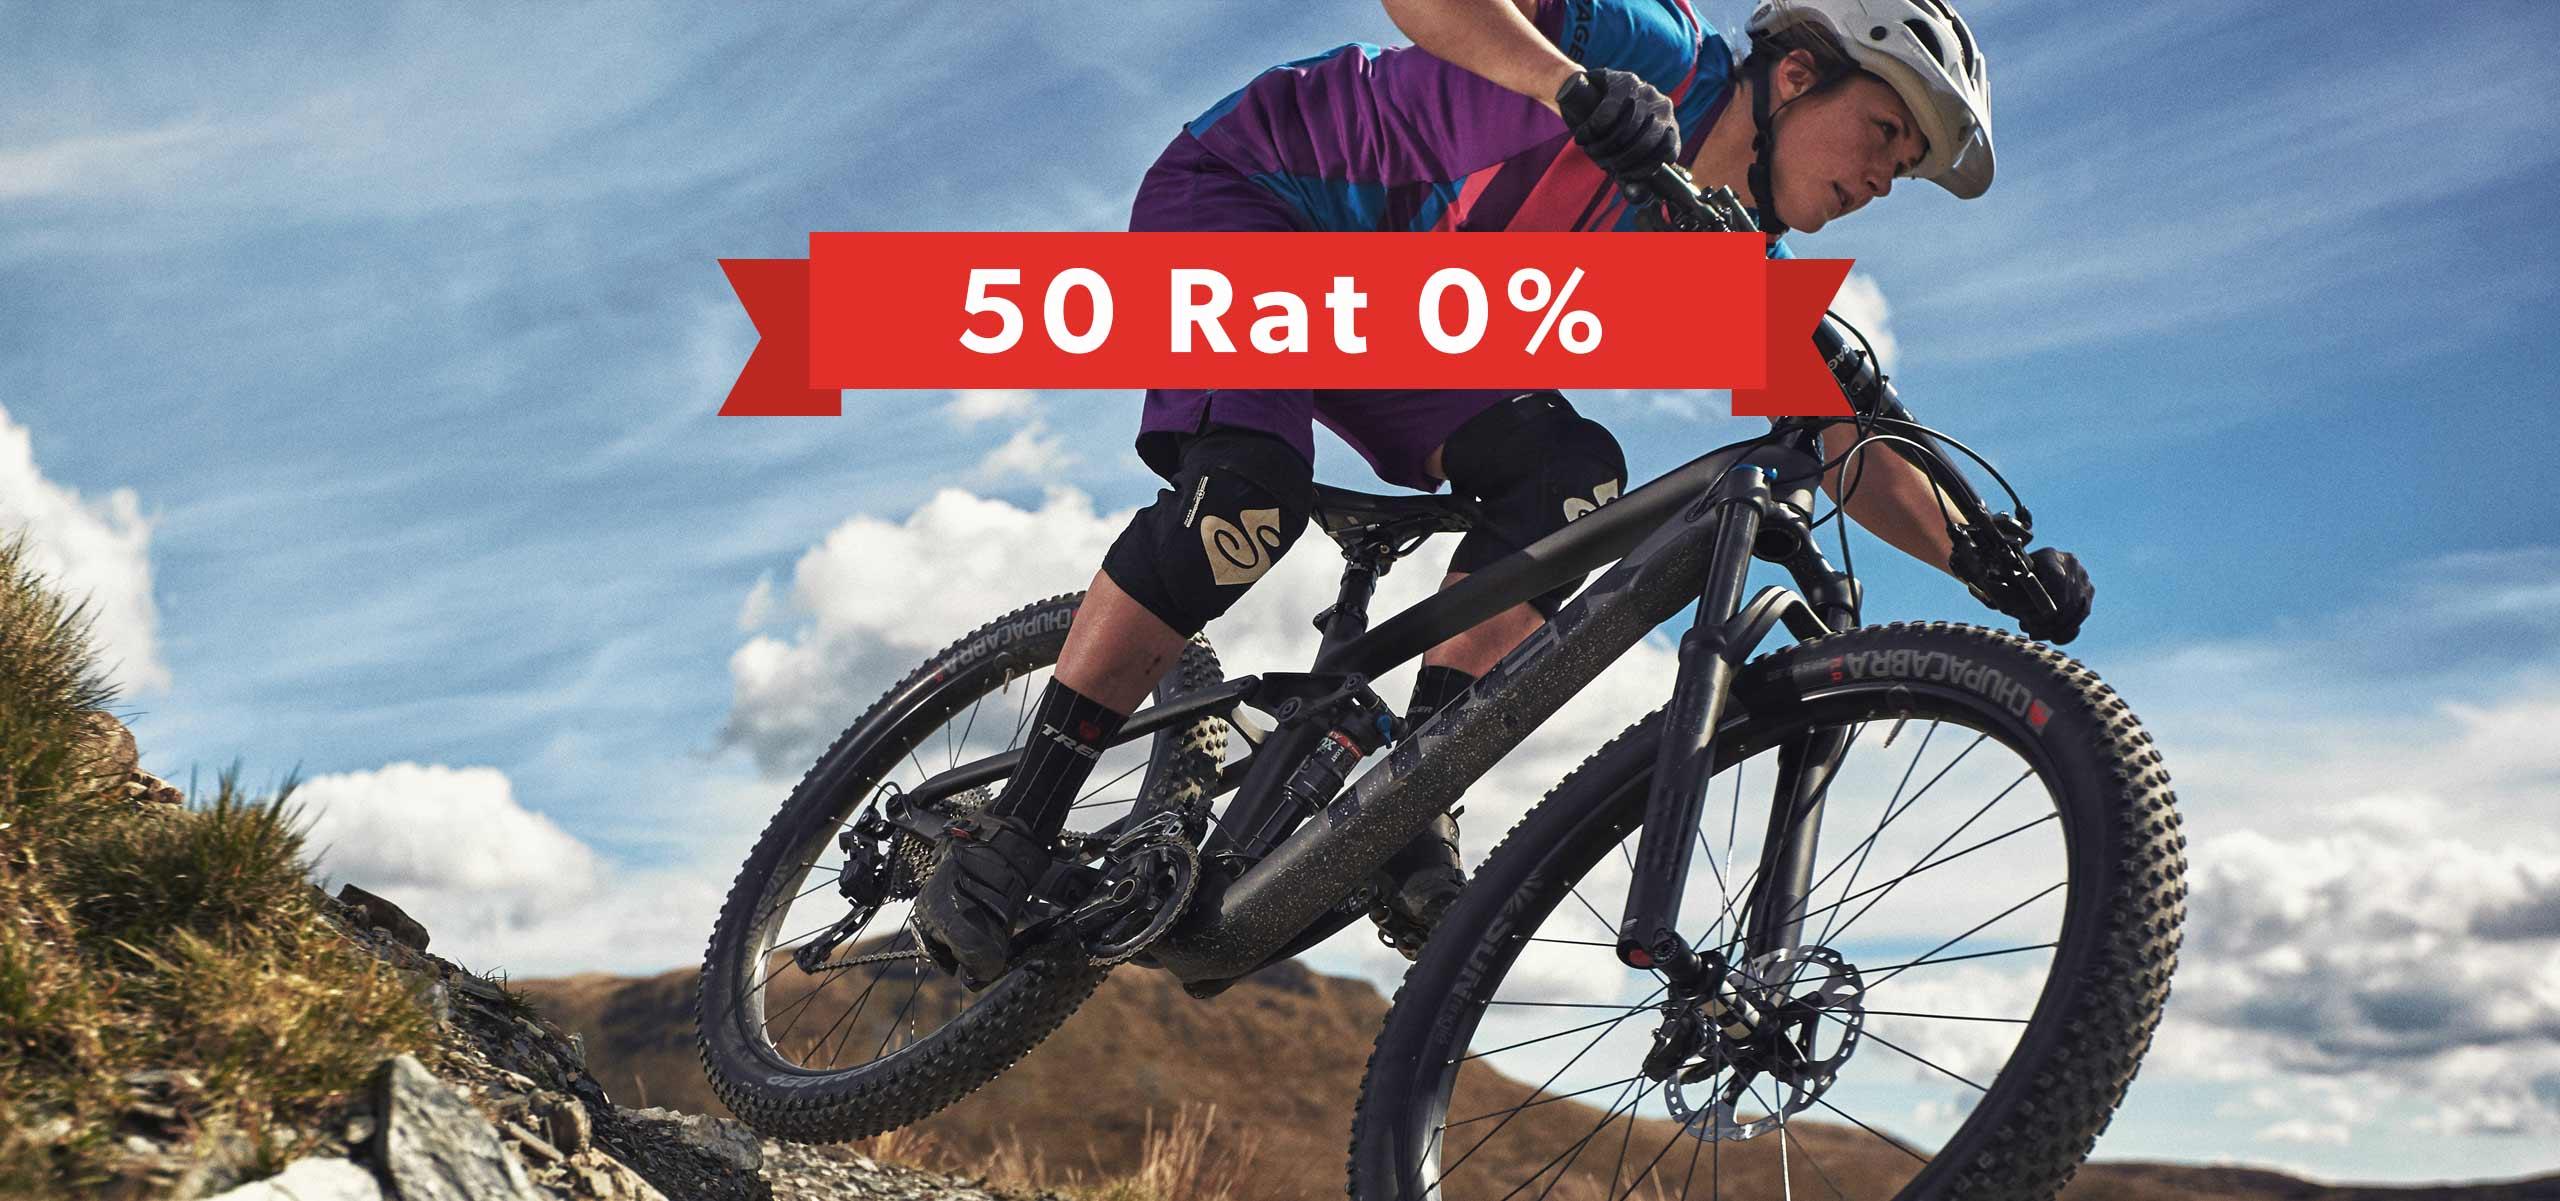 50 Rat 0%